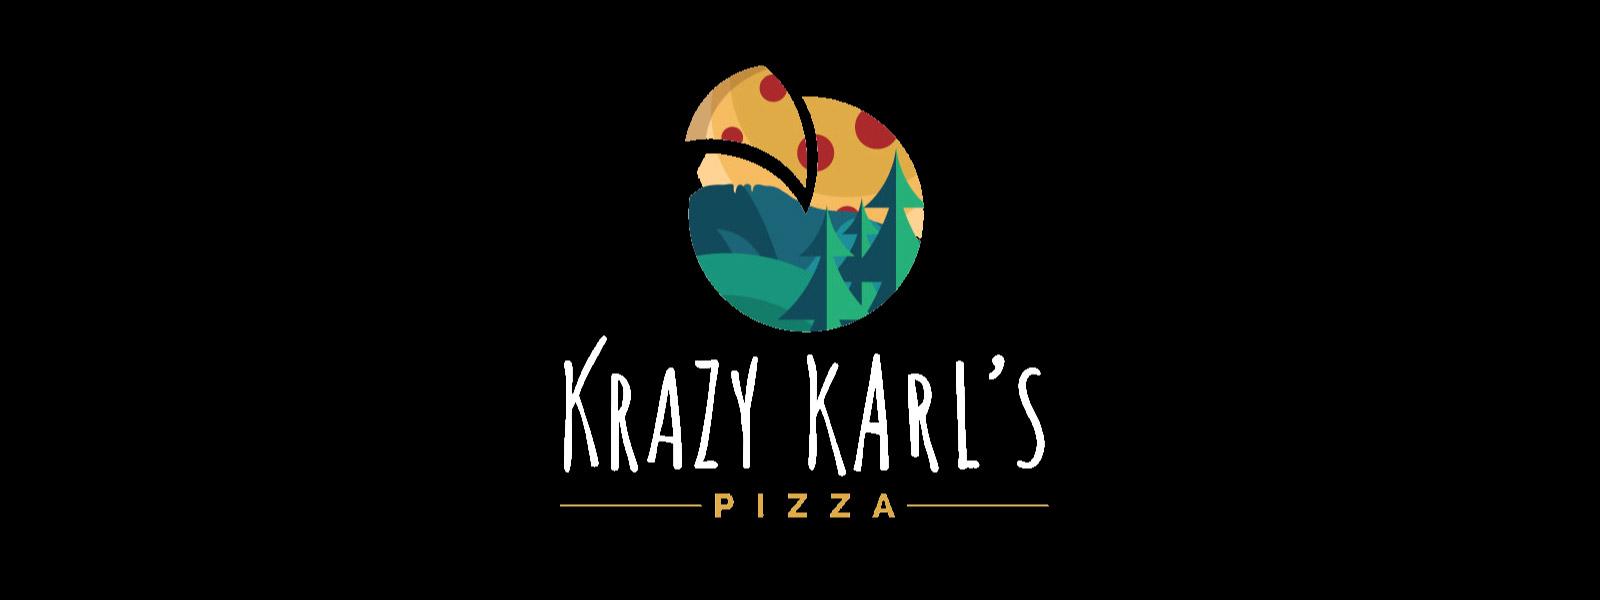 Krazy-Karls-header